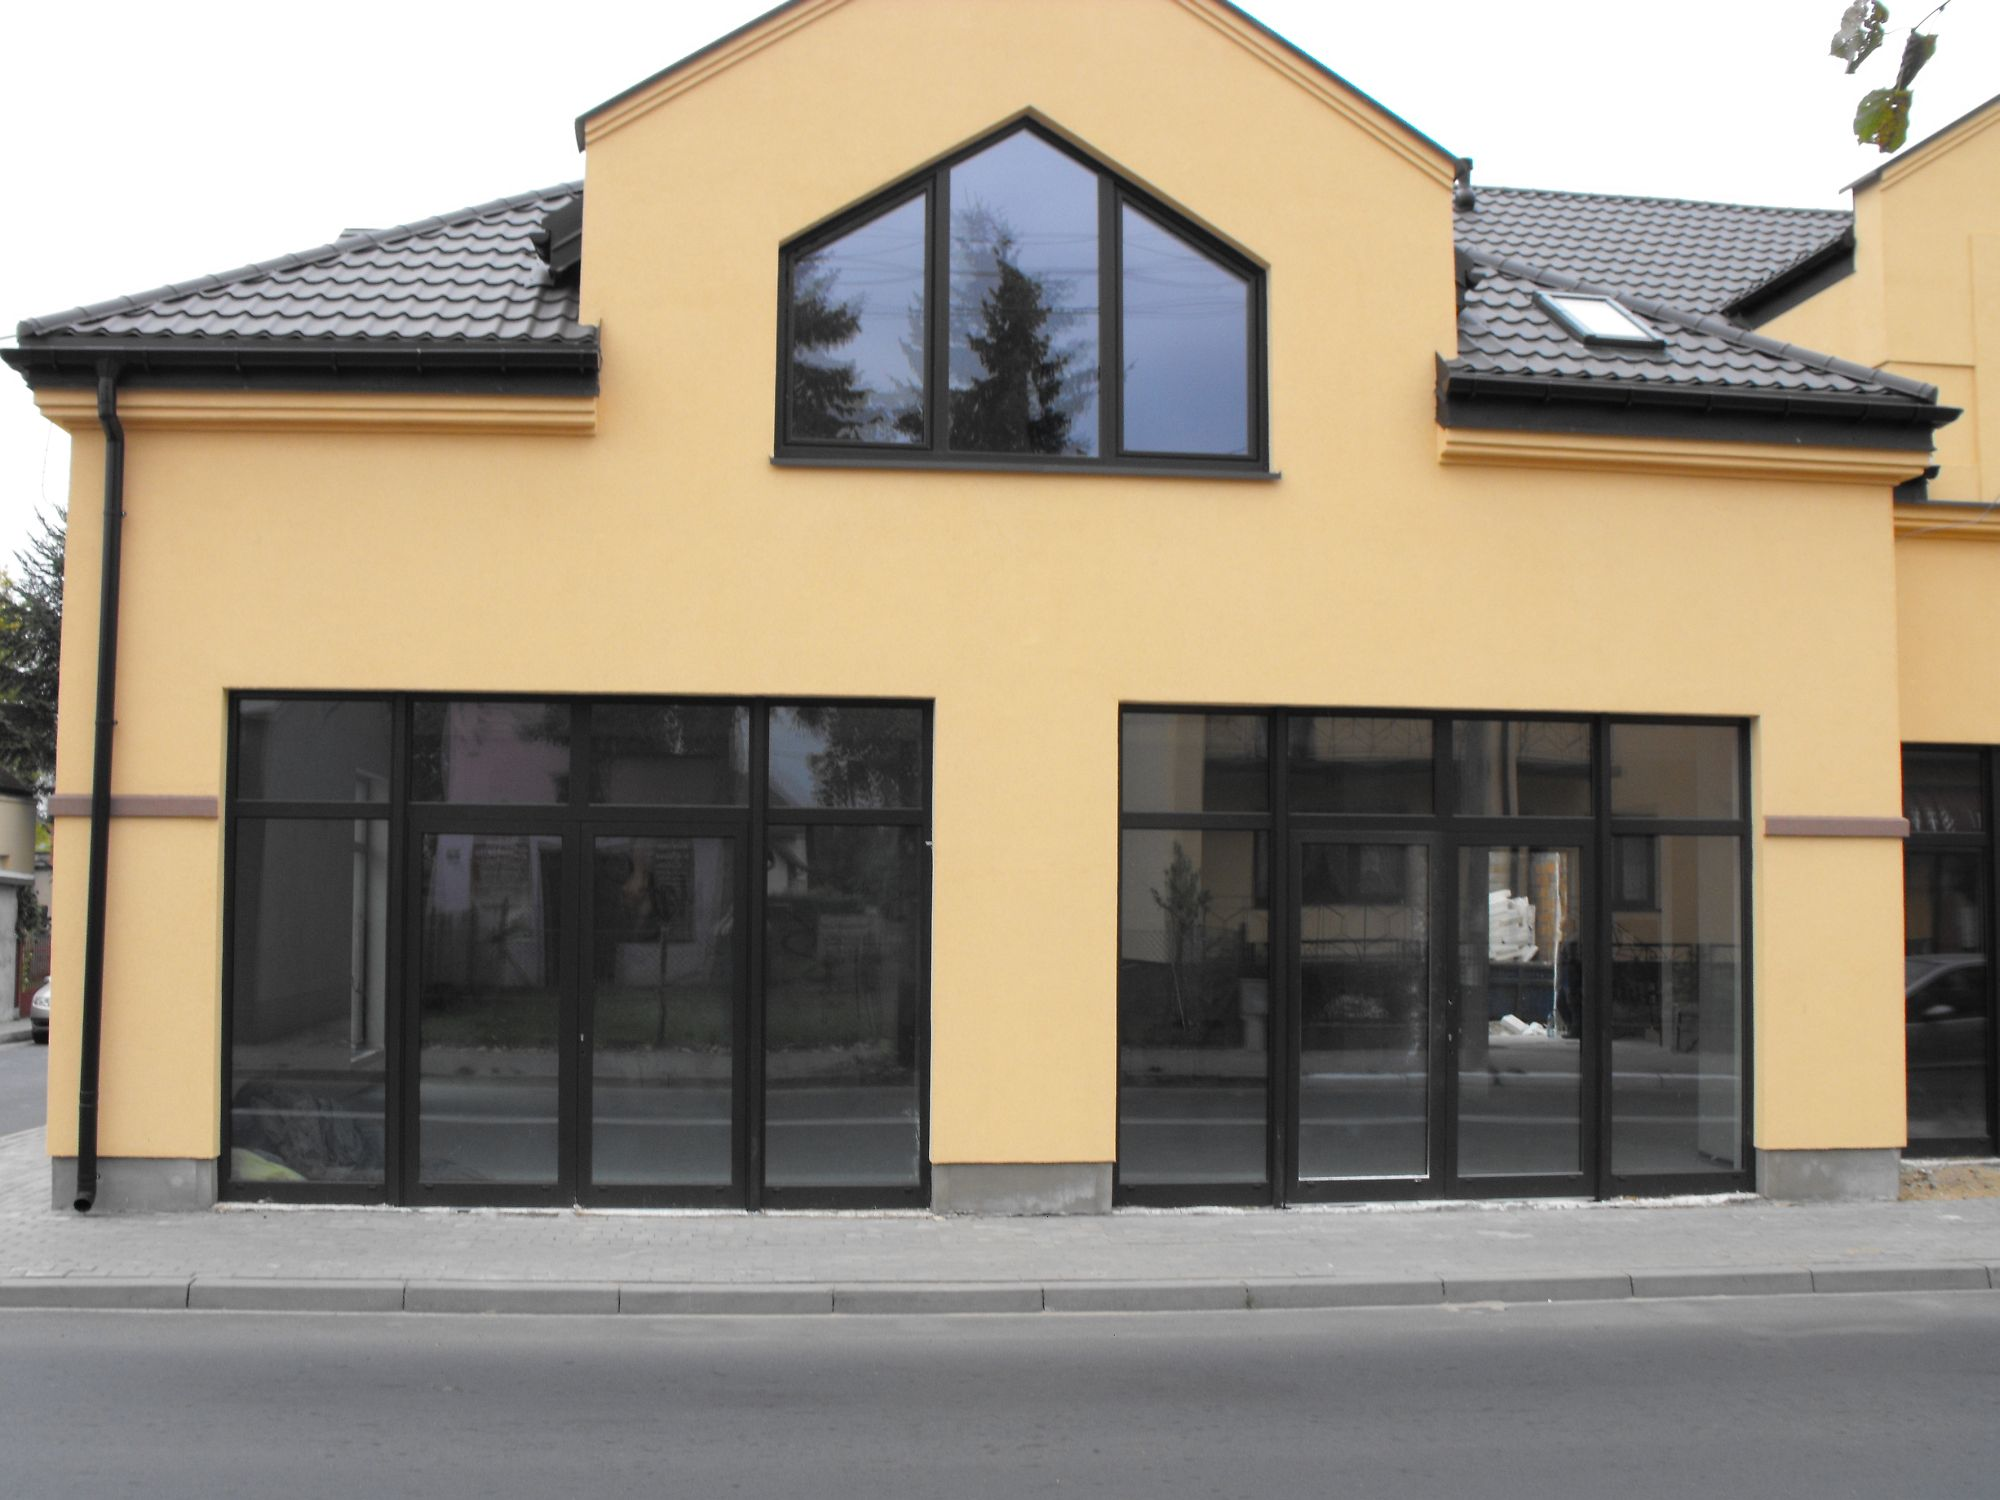 Tomkor096 fenster und turen mielczarek - Fenster und turen nachtraglich sichern ...